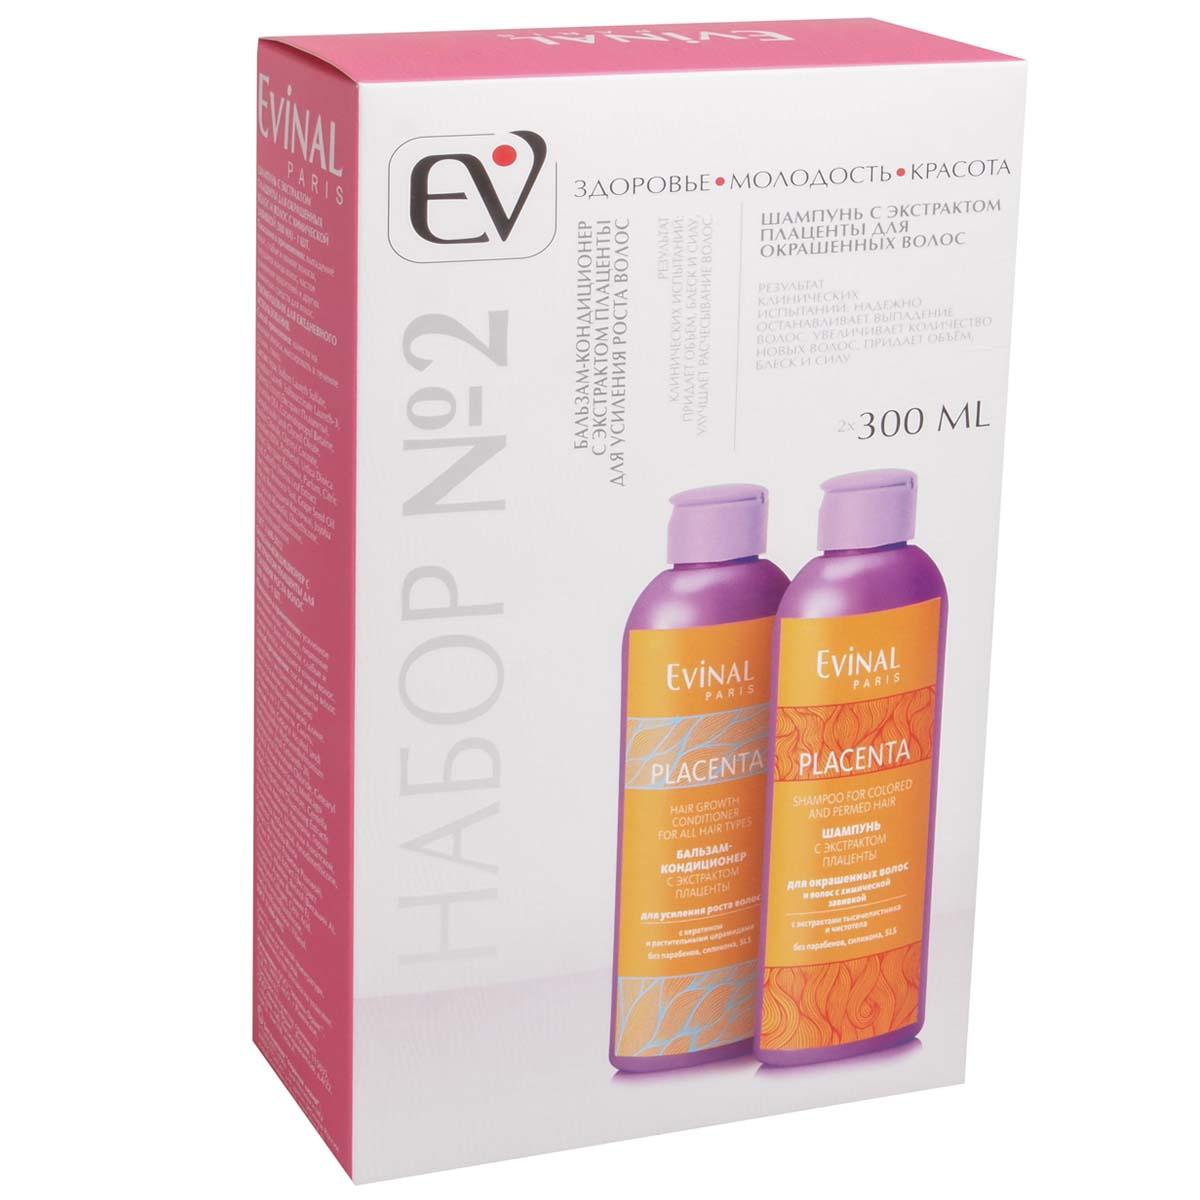 Подарочный набор Evinal №2 : Шампунь с экстрактом плаценты для окрашенных волос и волос с химической завивкой, 300мл.+Бальзам-кондиционер с экстрактом плаценты для усиления роста, 300мл.0179Подарочный набор №2 (Шампунь с экстрактом плаценты для окрашенных волос и волос с химической завивкой 300мл.+Бальзам-кондиционер с экстрактом плаценты для усиления роста 300мл. ) в коробке. Состоит из: шампуня с экстрактом плаценты для окрашенных волос и волос с химической завивкой и бальзама-кондиционера с экстрактом плаценты для усиления роста волос. ШАМПУНЬ С ЭКСТРАКТОМ ПЛАЦЕНТЫ ДЛЯ ОКРАШЕННЫХ ВОЛОС И ВОЛОС С ХИМИЧЕСКОЙ ЗАВИВКОЙ-Показания к применению: выпадение волос, слабые и ломкие волосы, секущиеся концы волос. Частое применение красителей и других химических средств для волос.Результат клинических испытаний: шампунь надежно останавливает выпадение волос в 83% случаев, усиливает рост новых волос до 3см за 60дней применения шампуня в 90% случаев, придает объем блеск и силу в 100% случаев. БАЛЬЗАМ-КОНДИЦИОНЕР С ЭКСТРАКТОМ ПЛАЦЕНТЫ ДЛЯ УСИЛЕНИЯ РОСТА ВОЛОС-Показания к применению: усиленное выпадение волос, тусклые лишенные жизненного блеска волосы, слабые и ломкие волосы, секущиеся концы.Результат клинических испытаний: Надежно останавливает выпадение волос, увеличивает количество новых растущих волос, придает объем, блеск и силу, улучшает расчесывание волос. Рекомендован для ежедневного использования. Максимальный эффект достигается при совместном использовании шампуня и бальзама на плаценте в течение 60 дней. Срок годности 24 месяца.